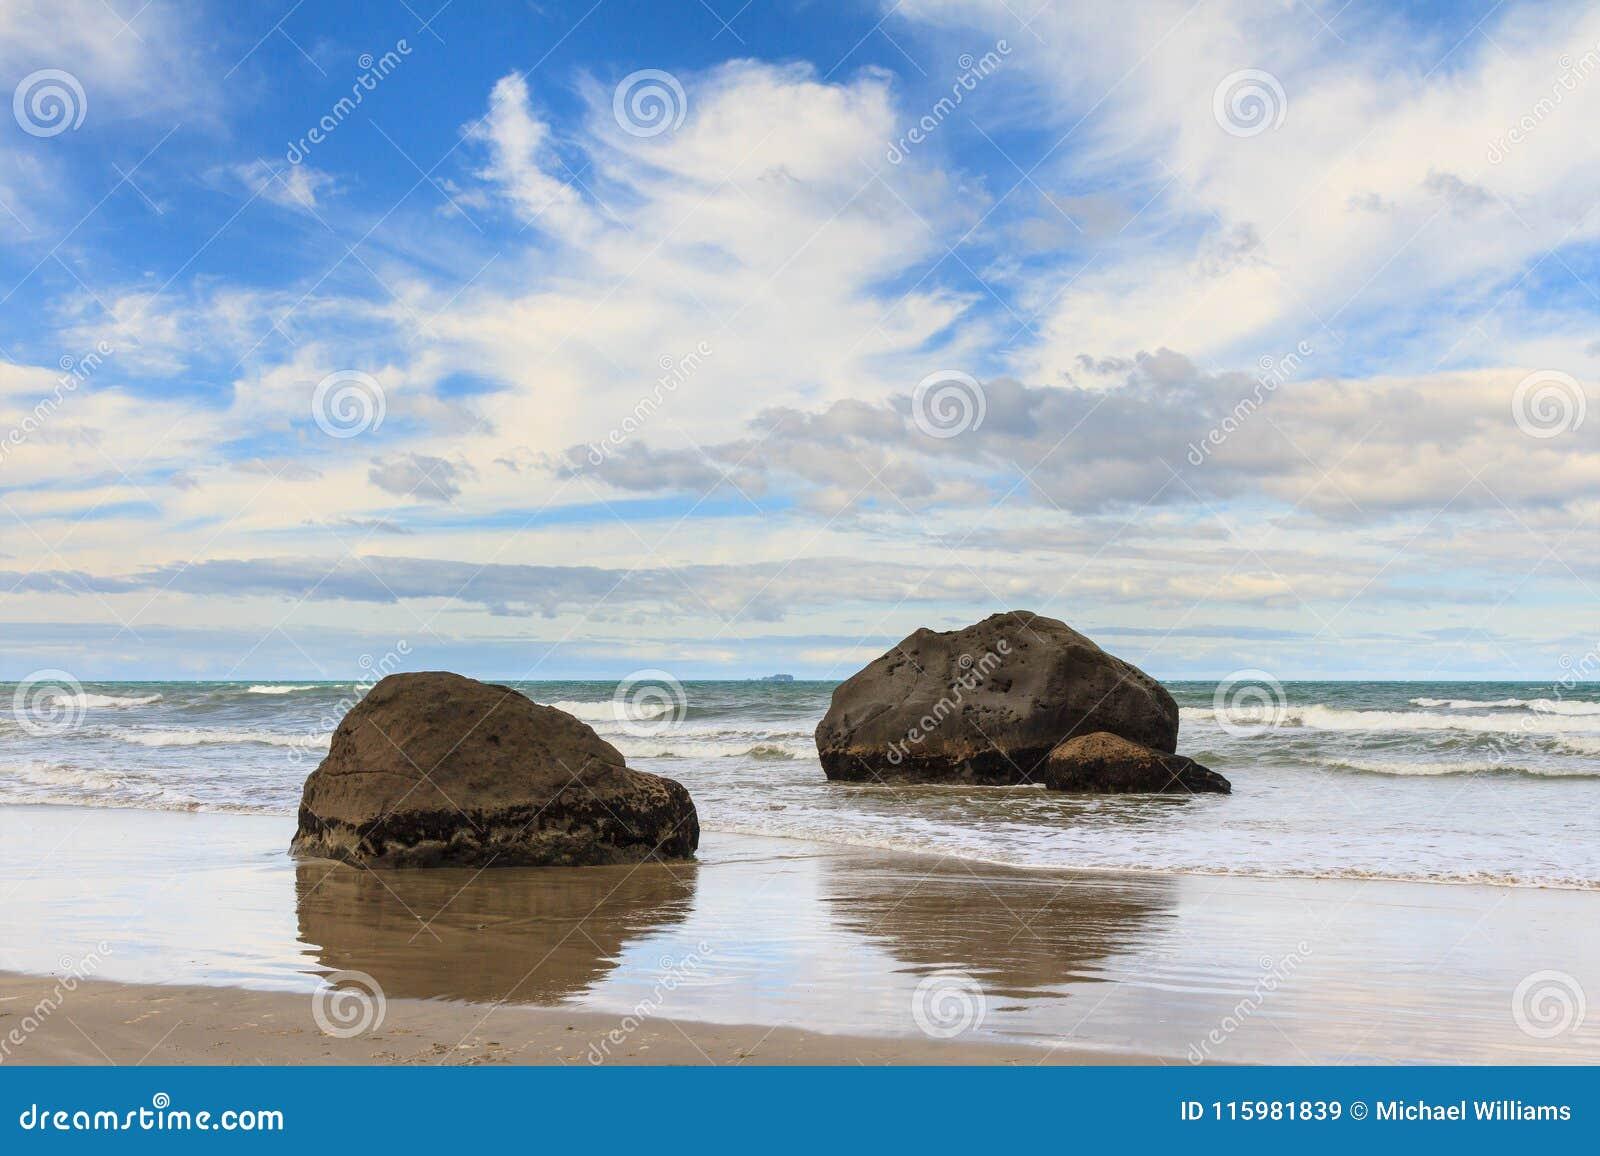 Валуны отразили в сияющих песках пляжа